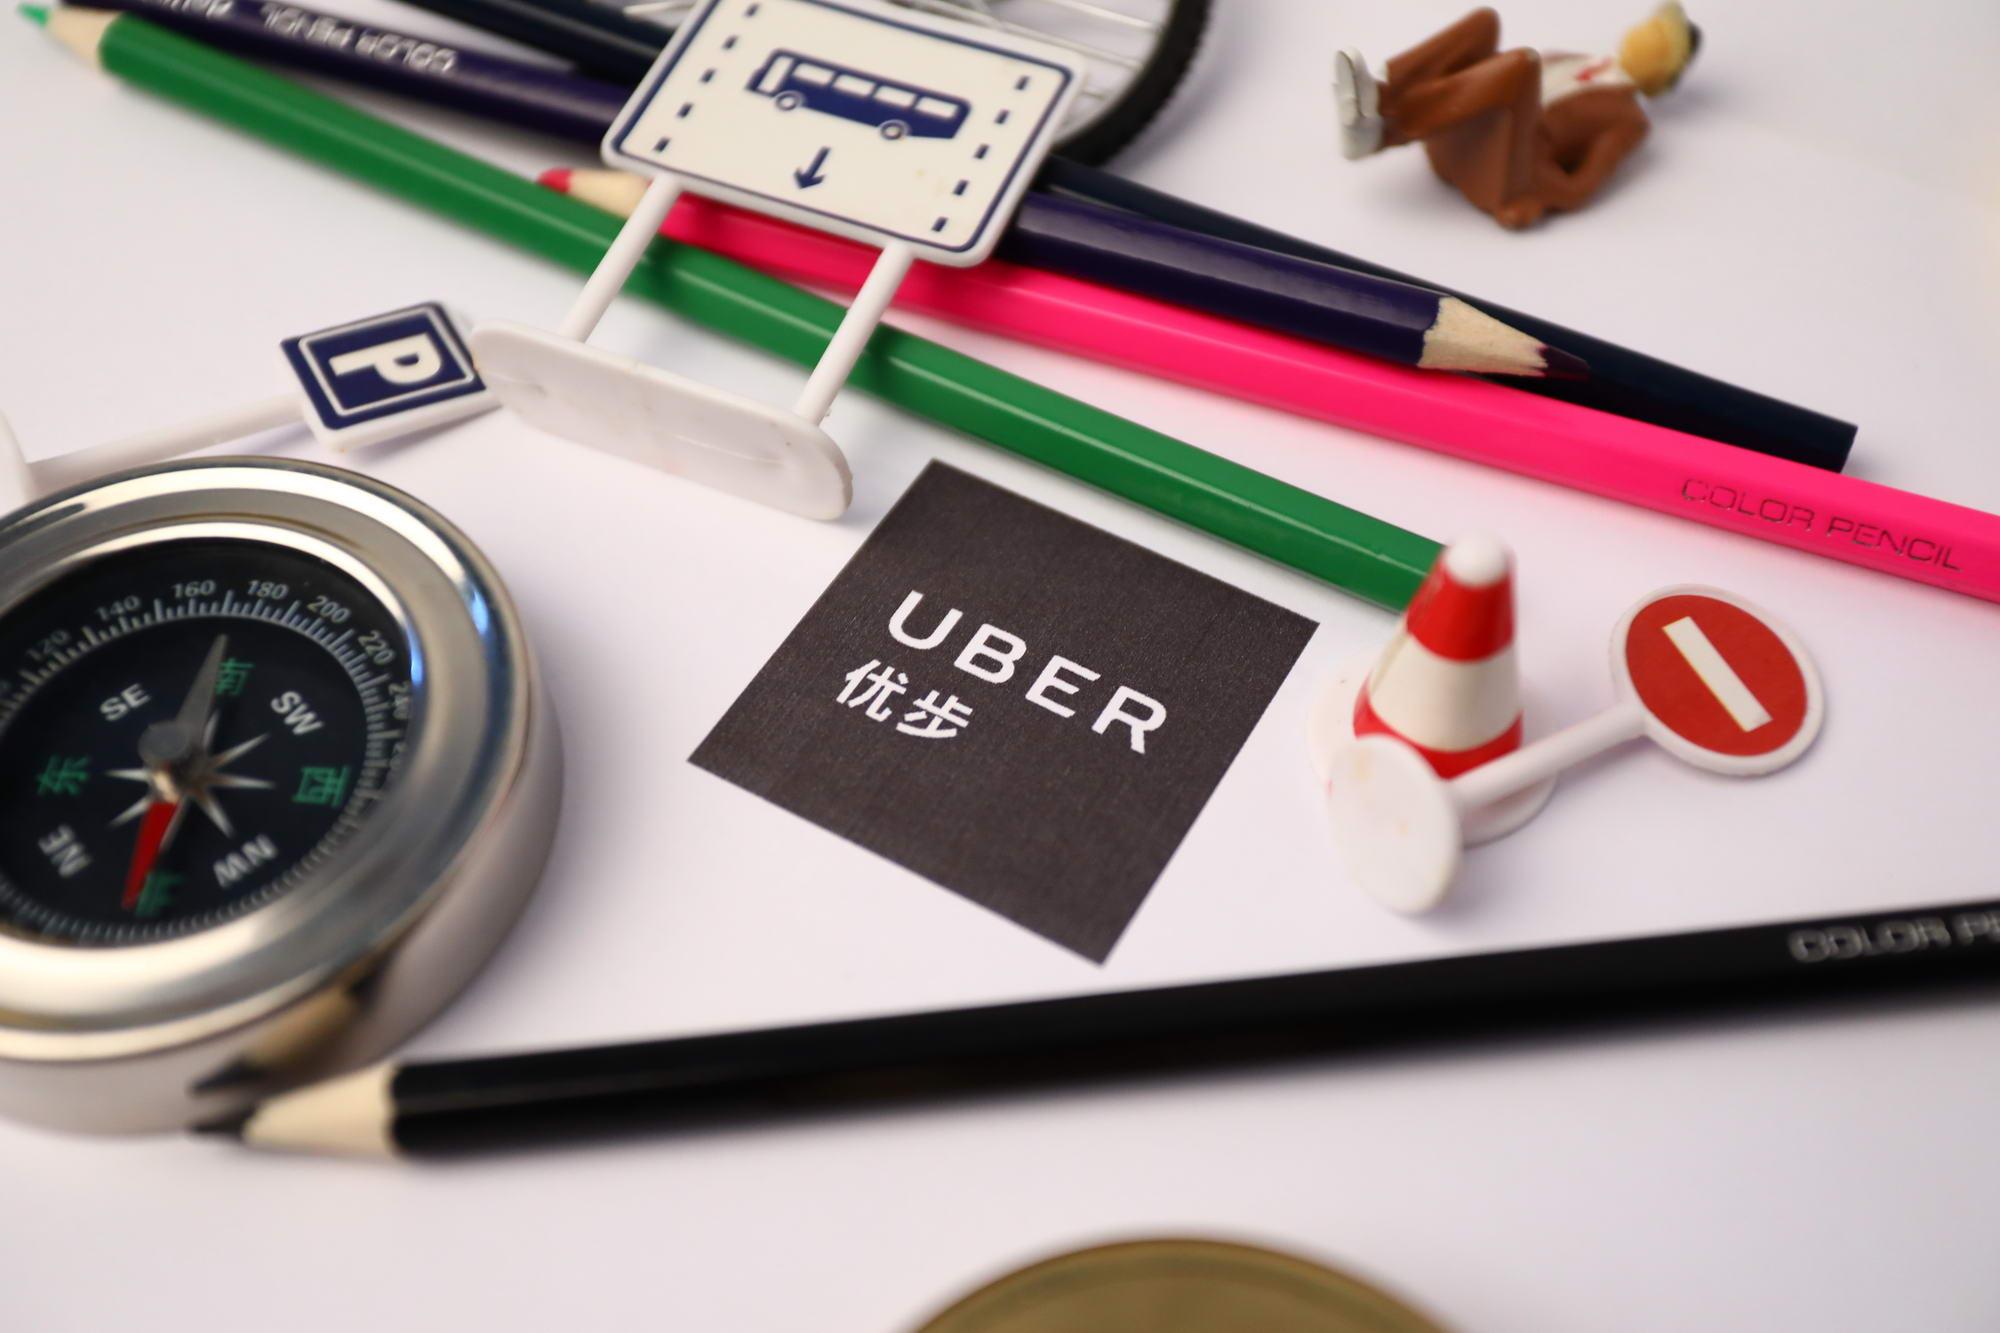 消息称Uber为旗下飞行器业务寻求选择方案_O2O_电商之家